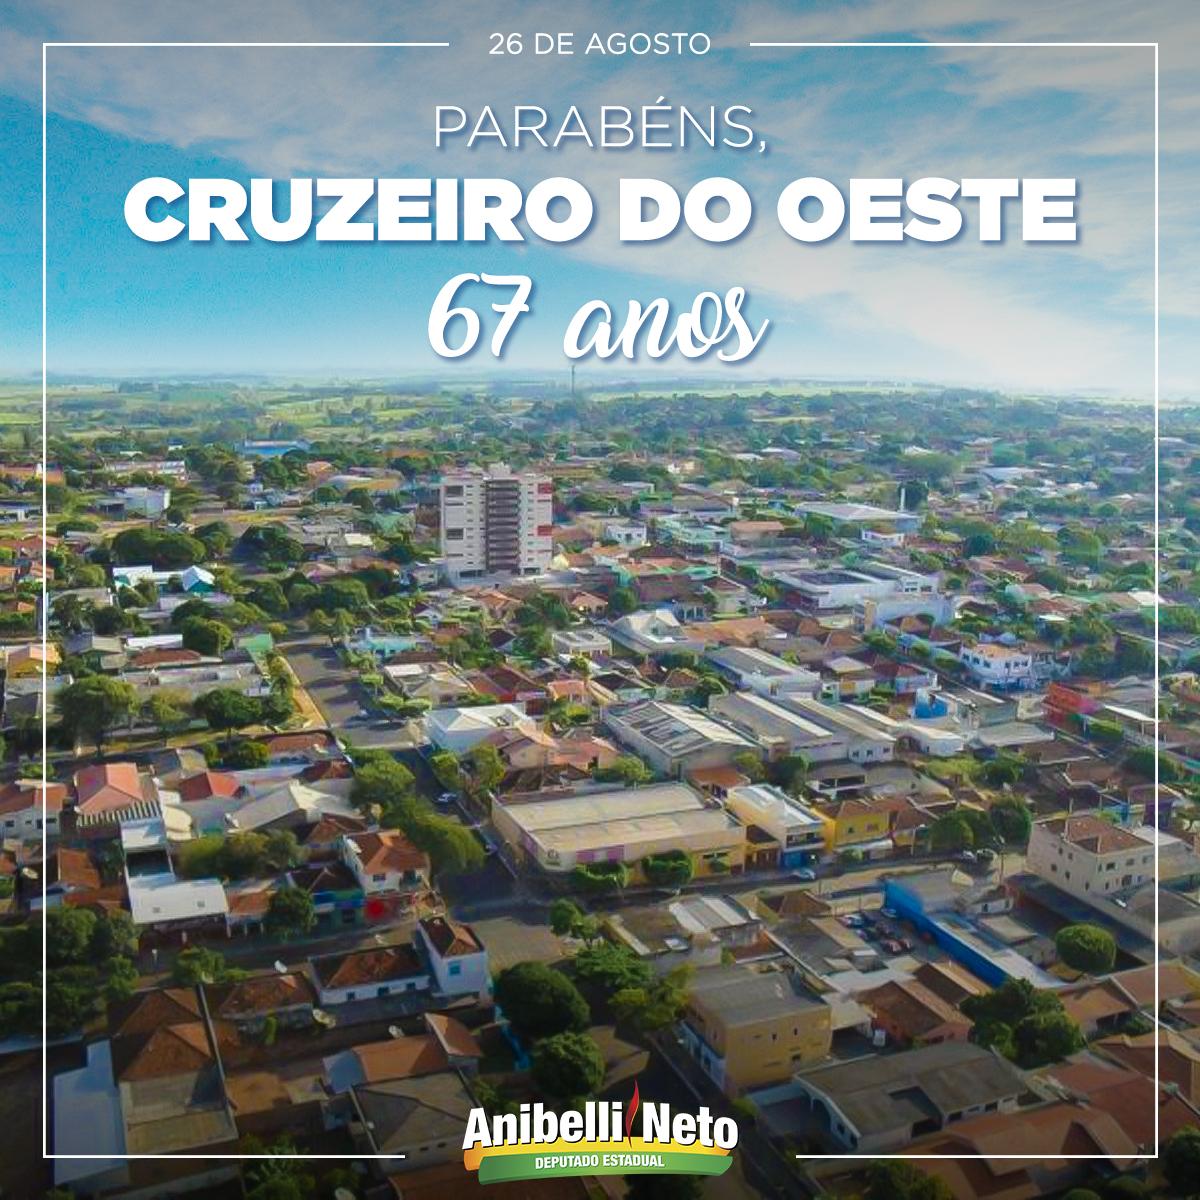 Histórico de Cruzeiro do Oeste